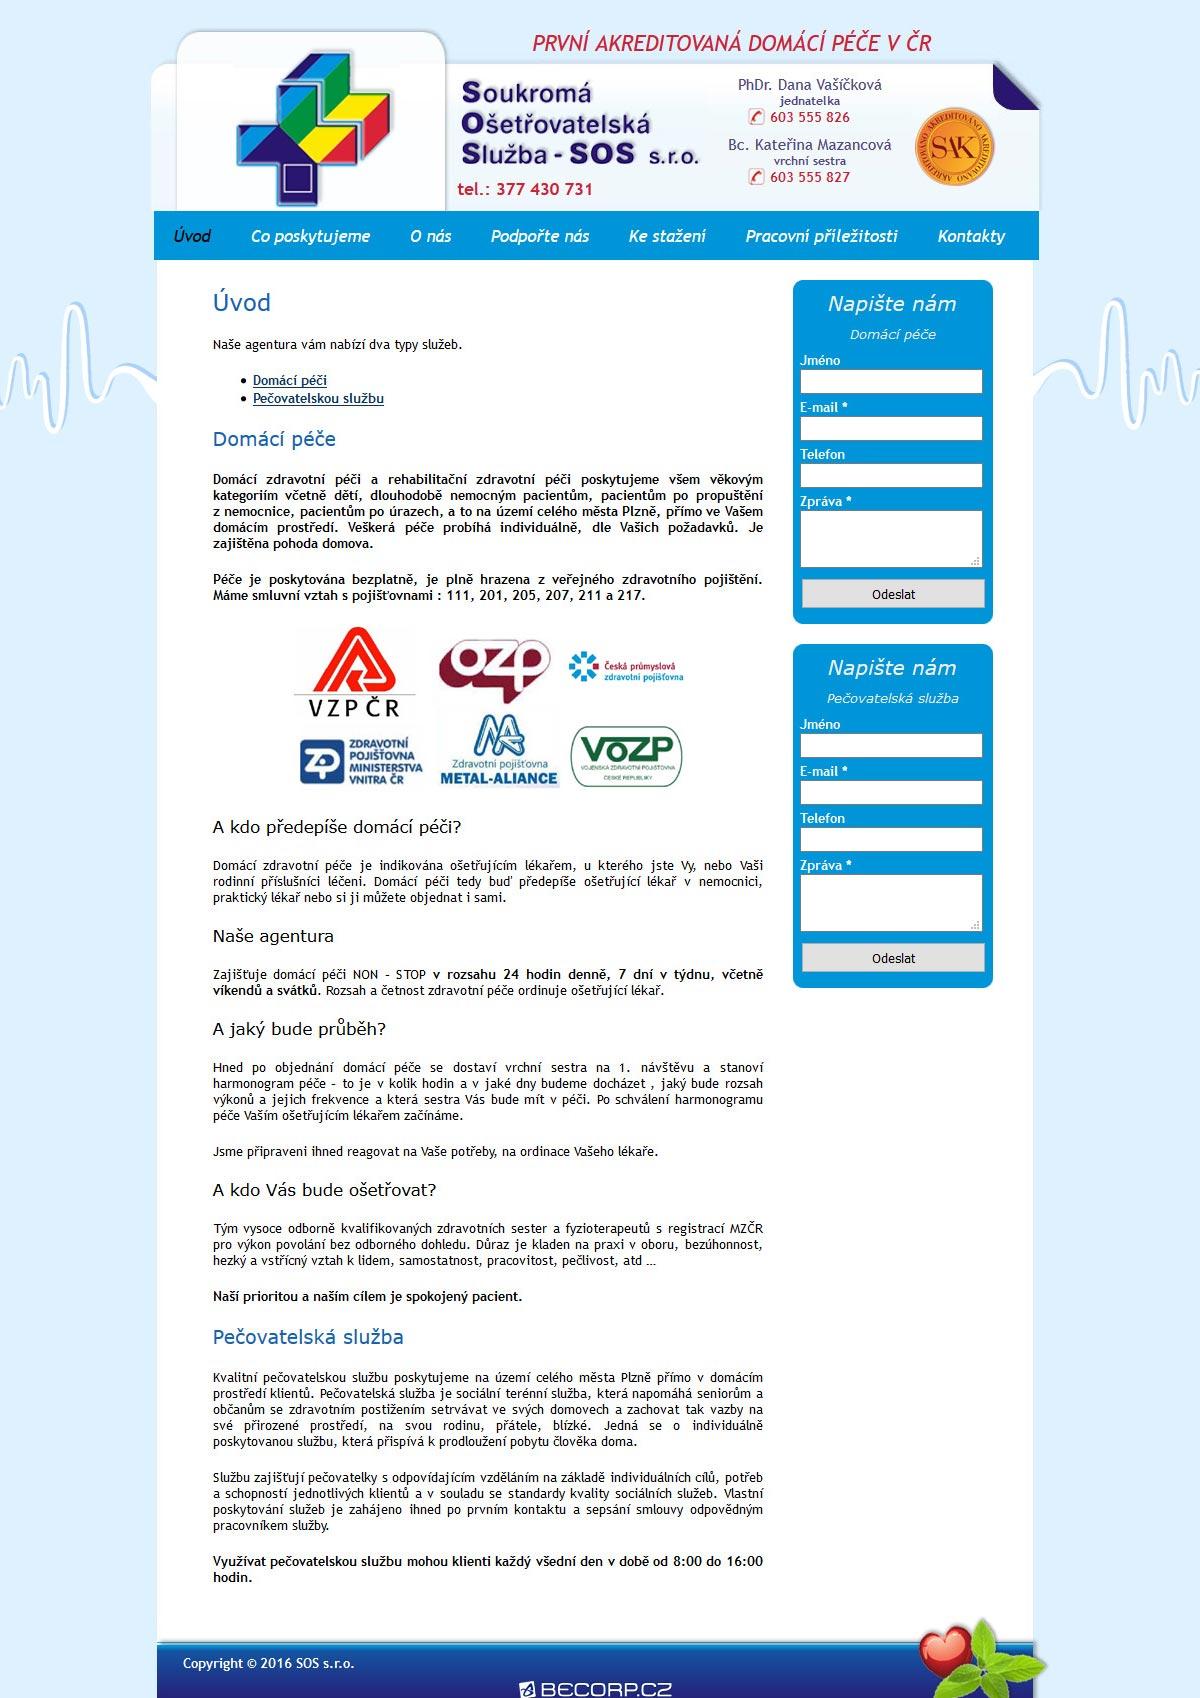 Informativní web ošetřovatelské agentury